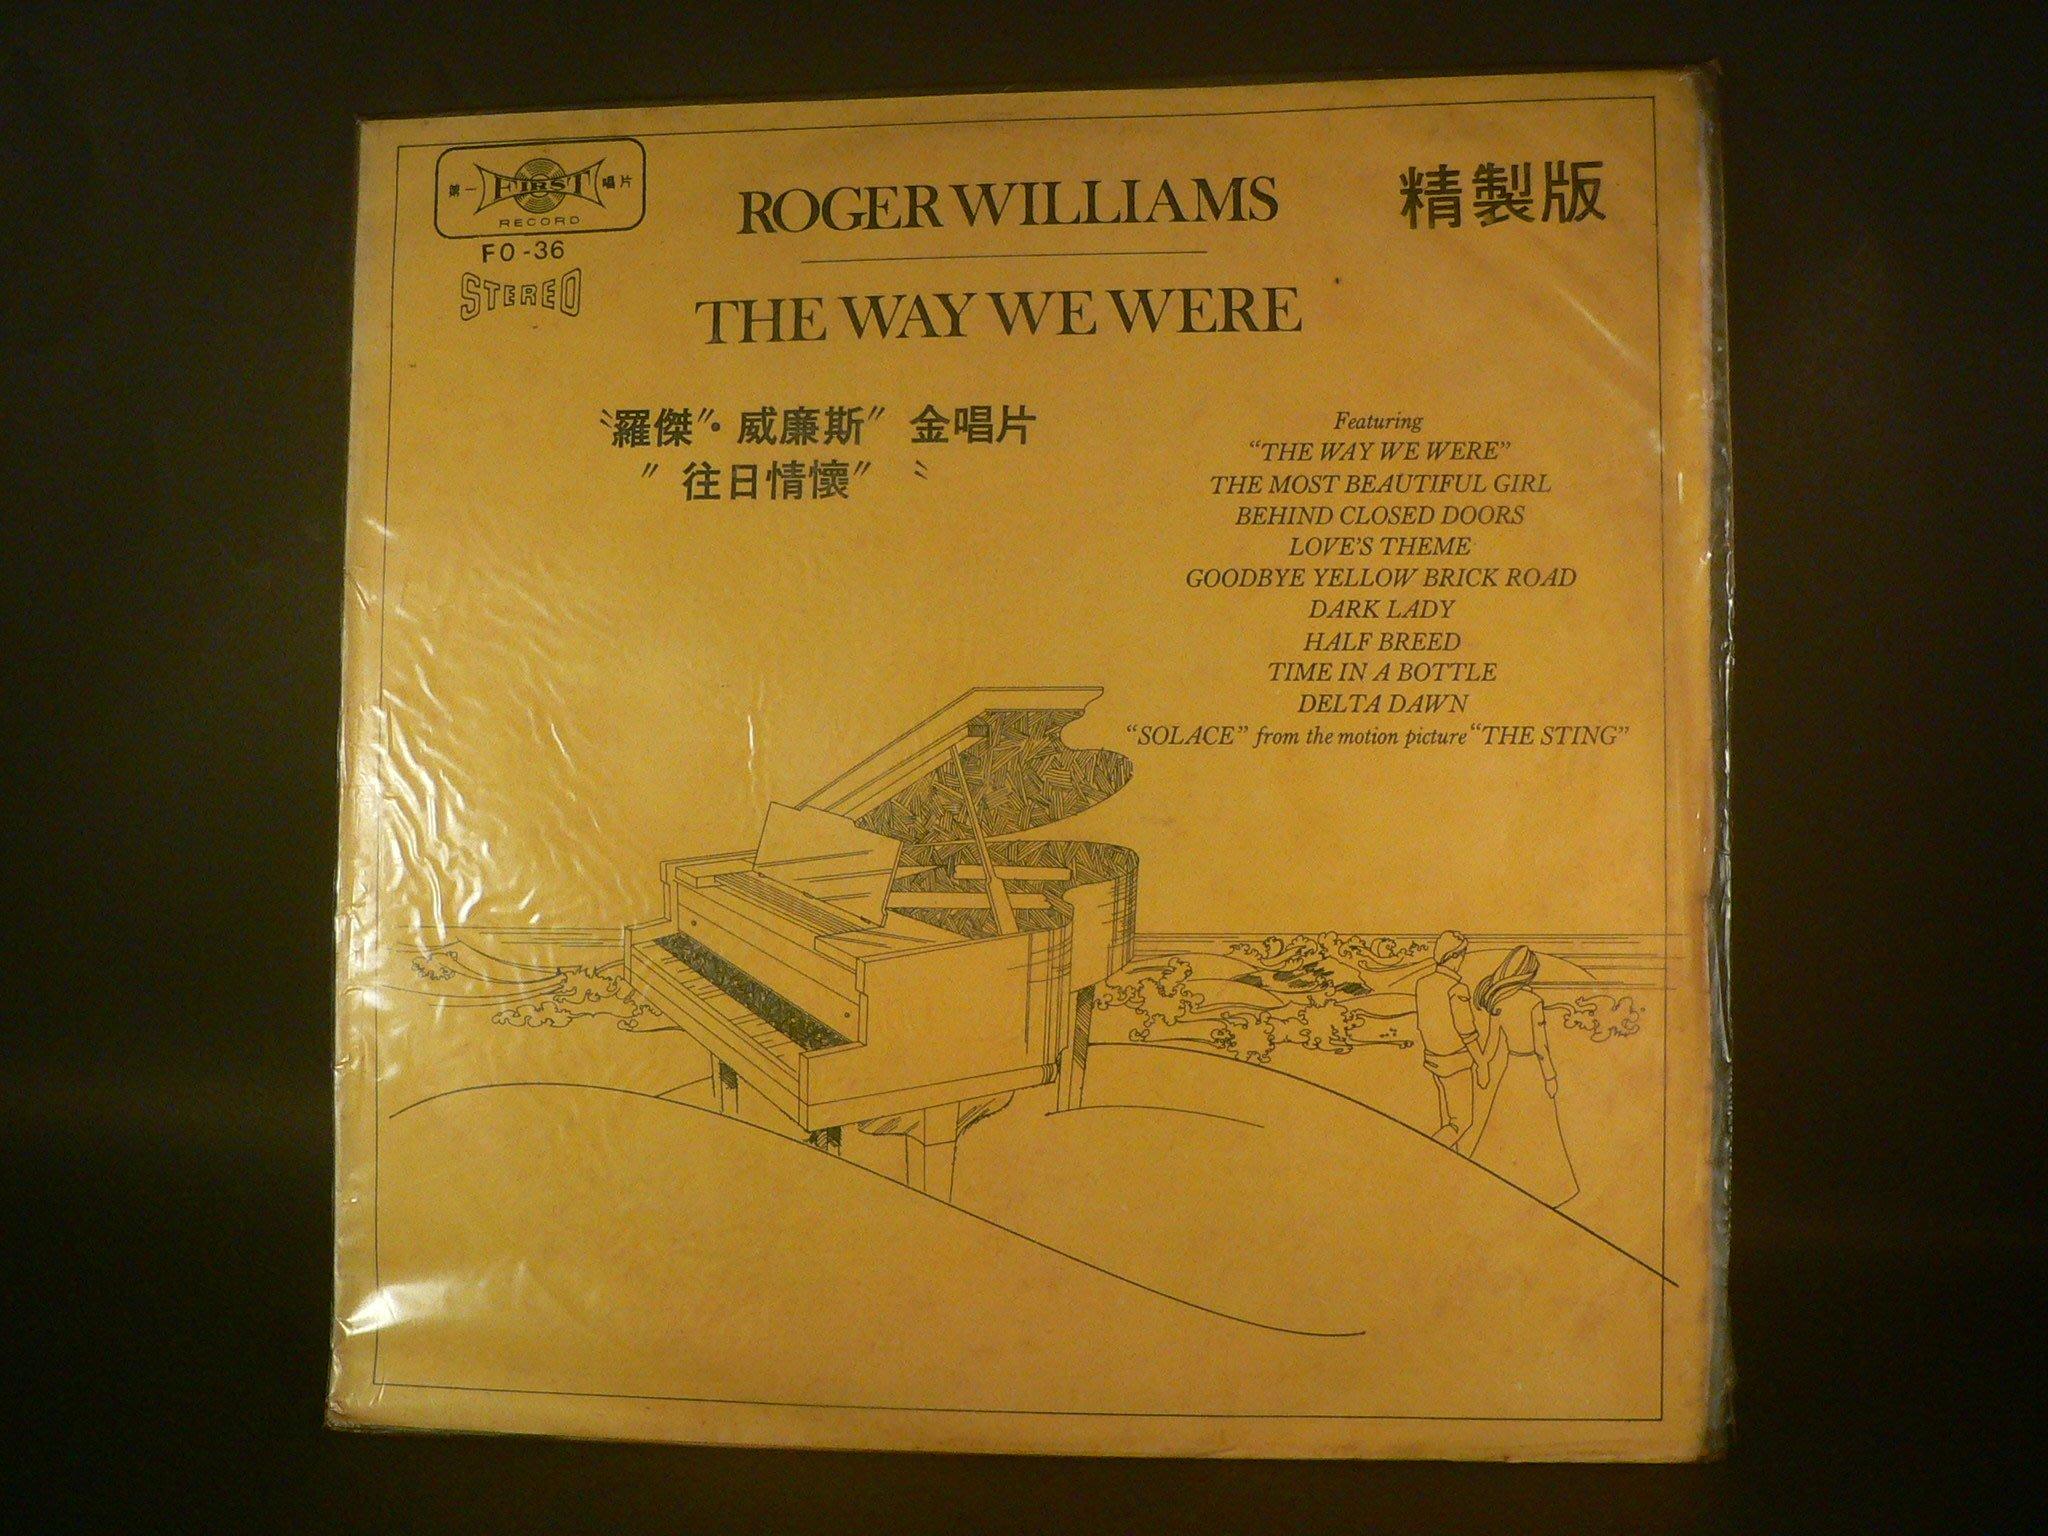 乖乖@賣場(LP黑膠唱片)12吋COAL MINERS DAUGHTER 礦工的女兒榮獲1981奧斯卡金像獎